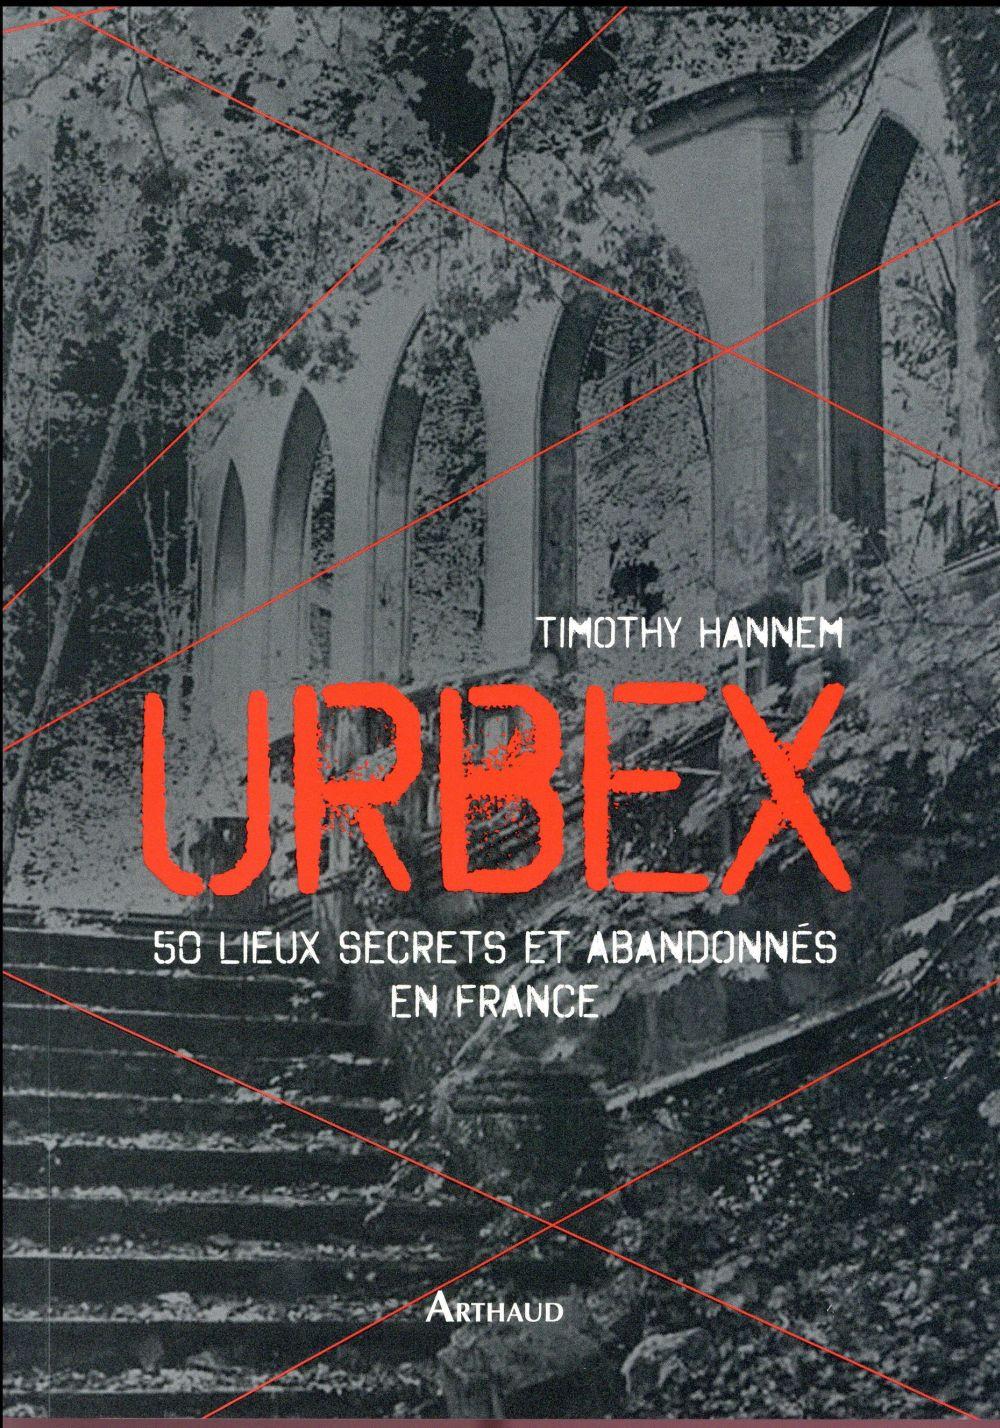 Urbex - 50 lieux secrets et abandonnes en france